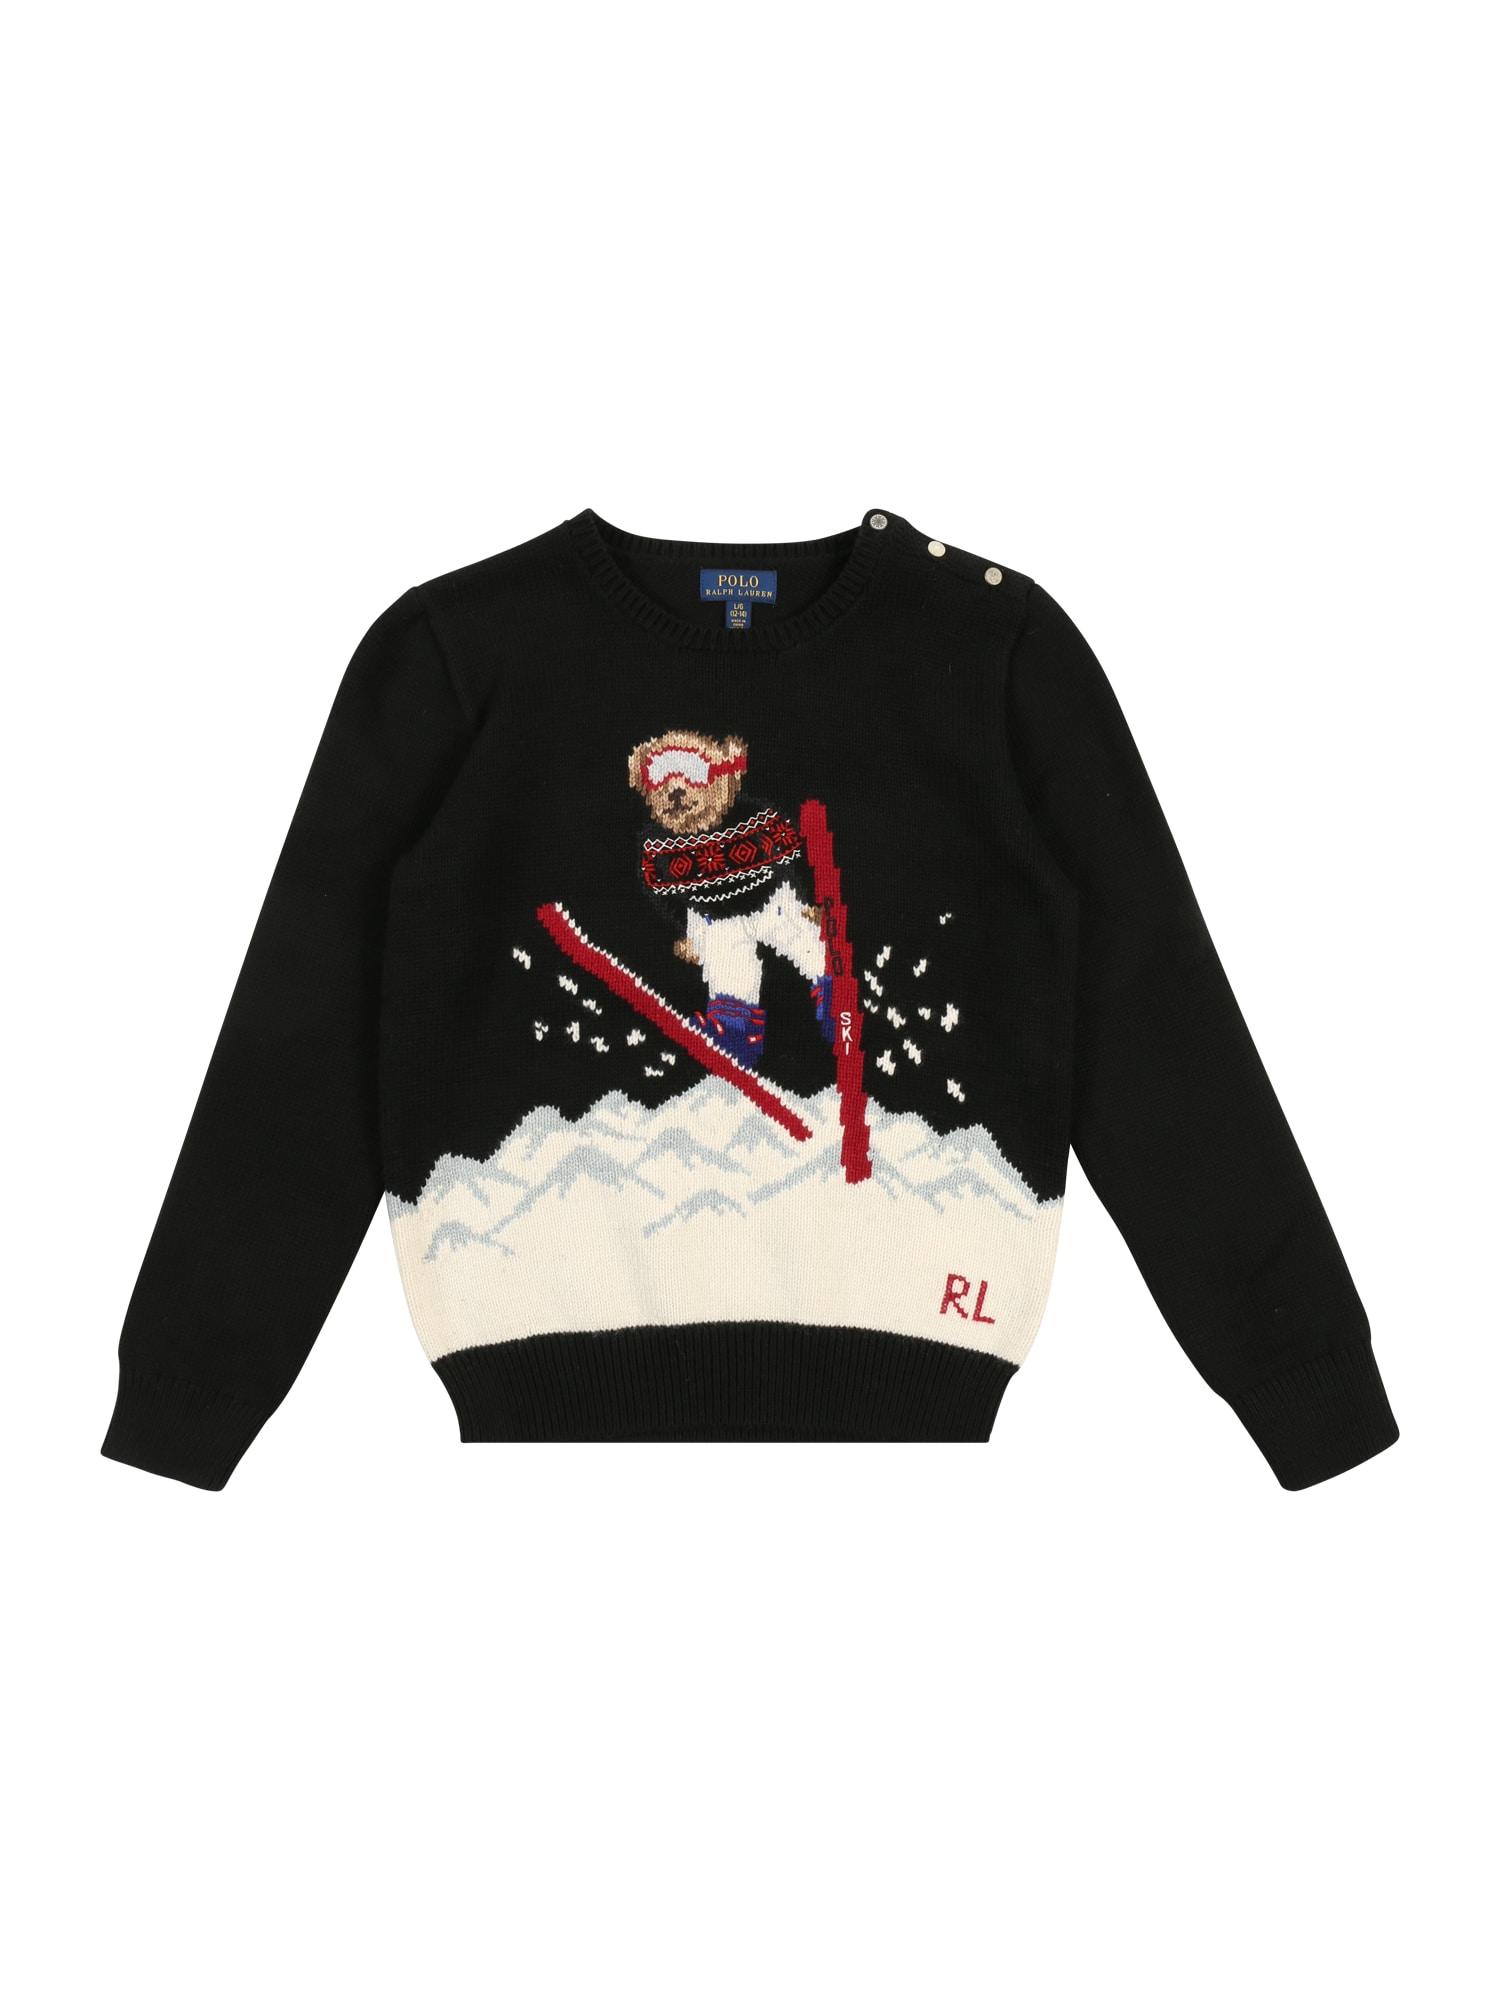 Kinder,  Mädchen,  Kinder Polo Ralph Lauren Pullover 'SKI JUMP' schwarz | 03615736651524